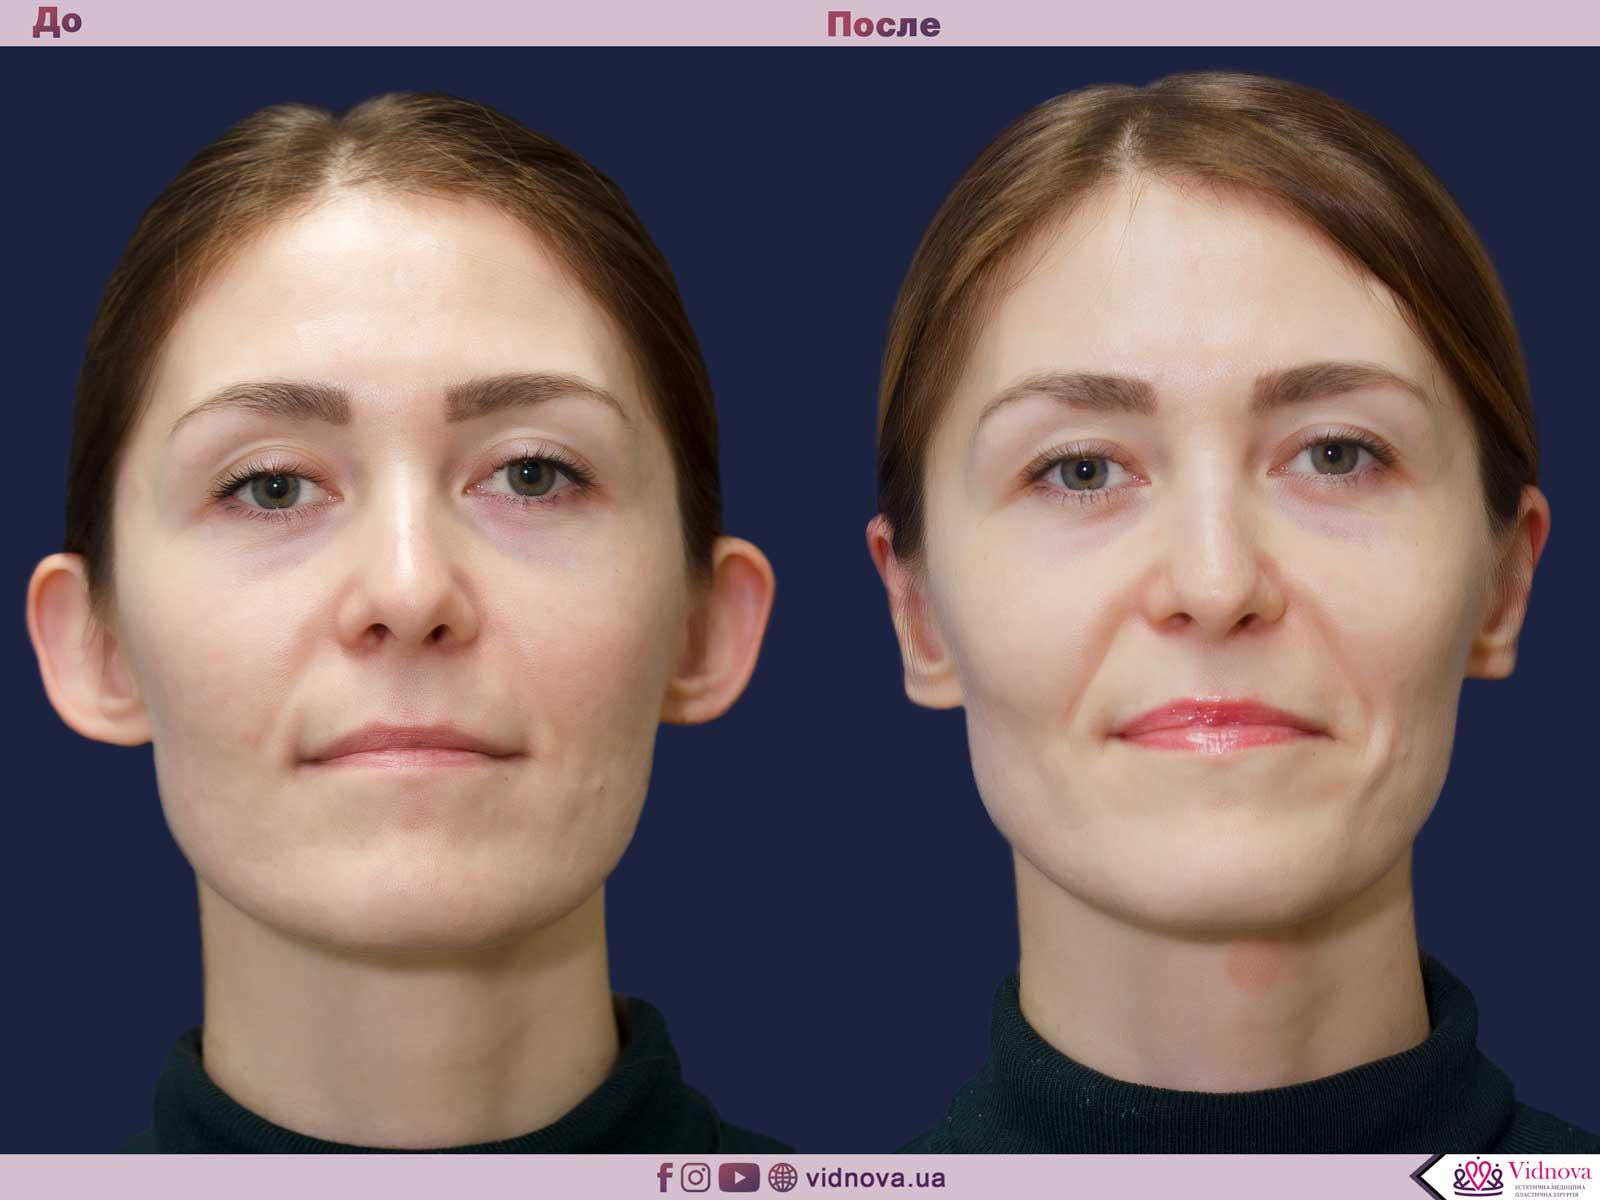 Отопластика: Фото До и После - Пример №7-1 - Клиника Vidnova